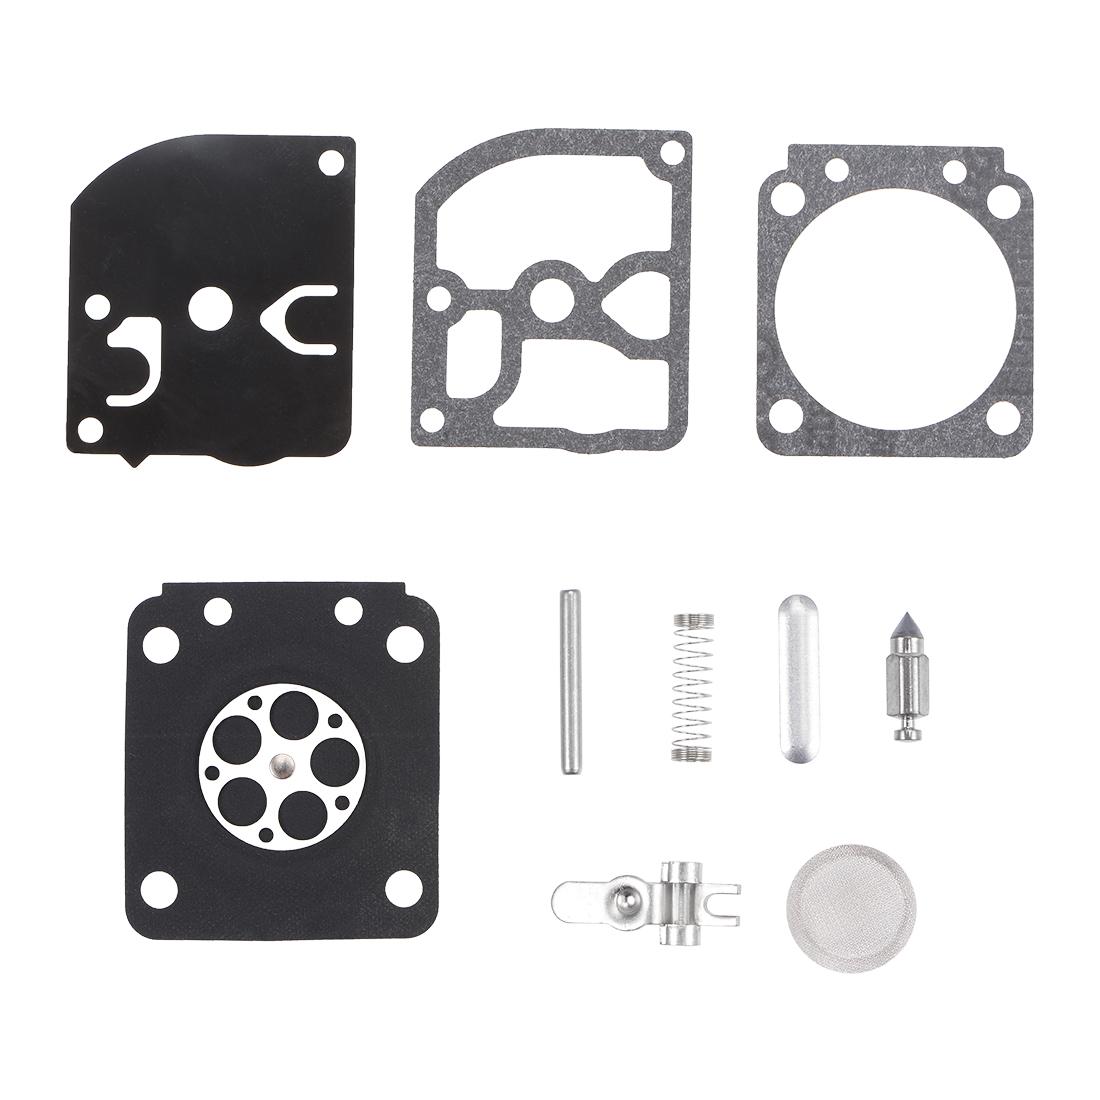 Carburetor Rebuild Kit Gasket Diaphragm RB-129 for Poulan Pro PP4218AV Carb 2Pcs